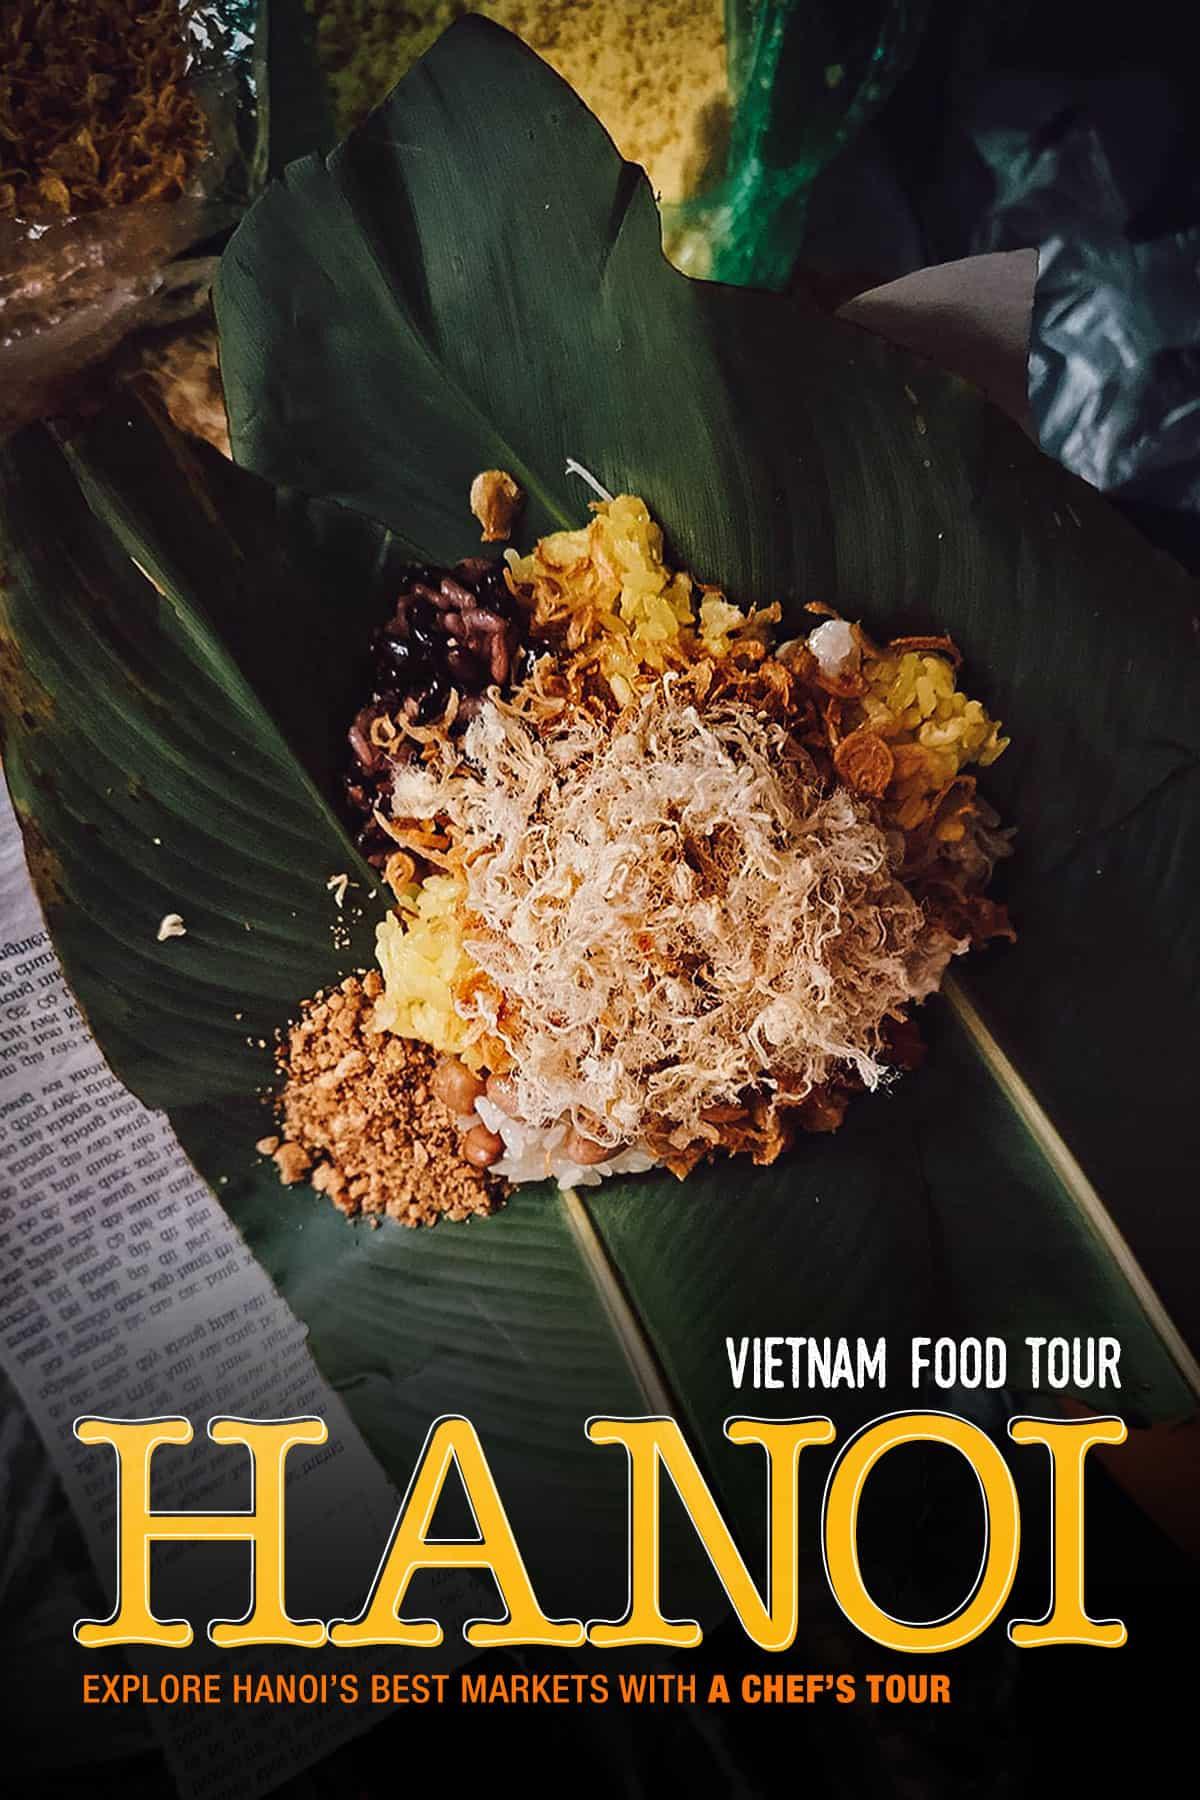 Butcher at Long Bien Market in Hanoi, Vietnam